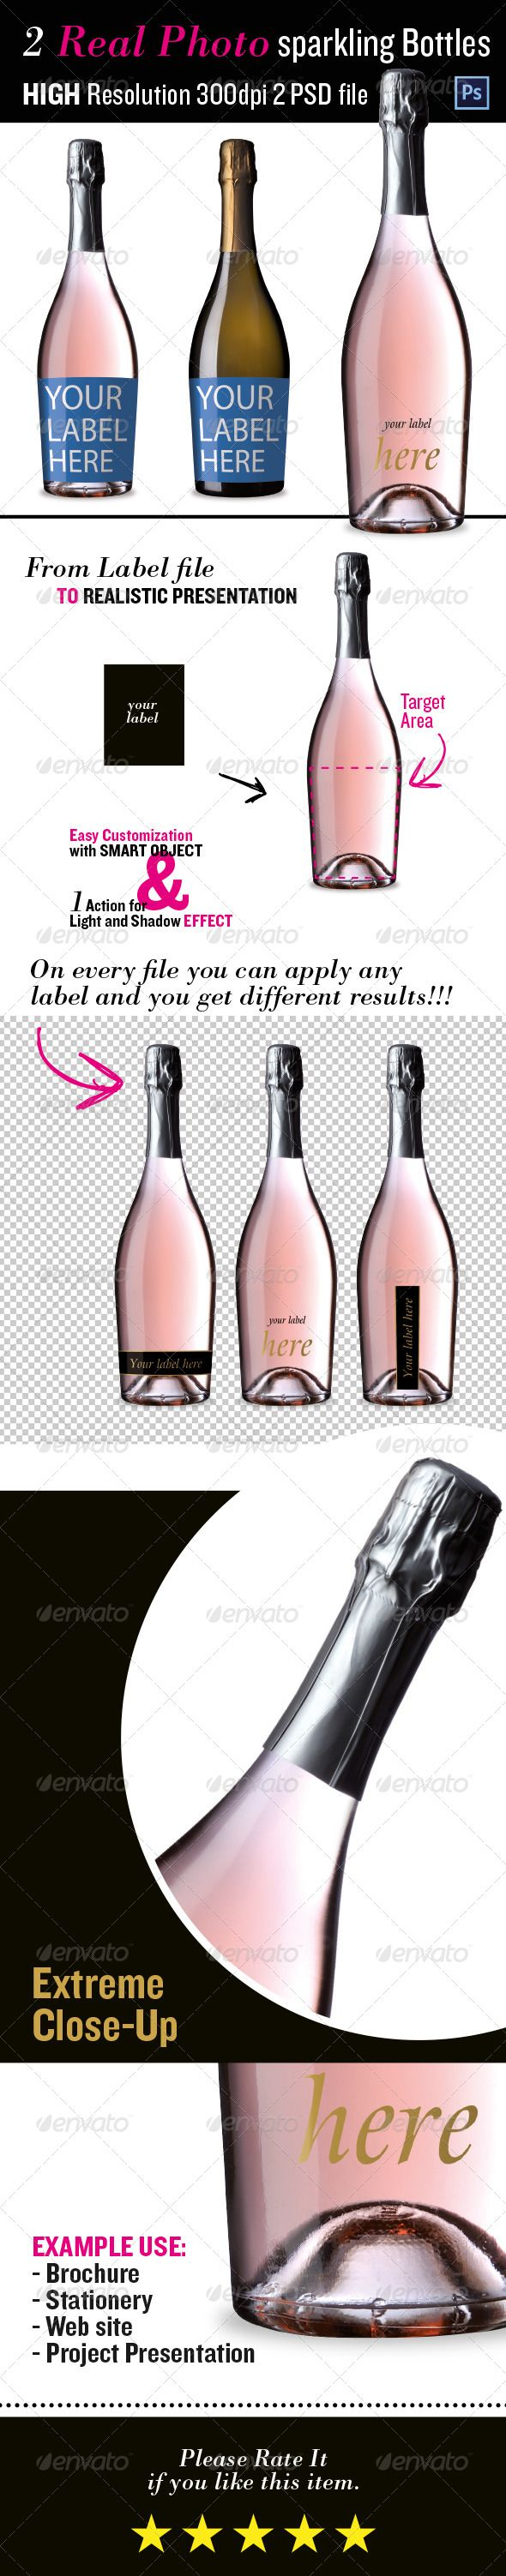 Sparkling Wine Bottles Mockup | #winebottlemockup #mockup | Download: http://graphicriver.net/item/sparkling-wine-bottles-mock-up/8742548?ref=ksioks